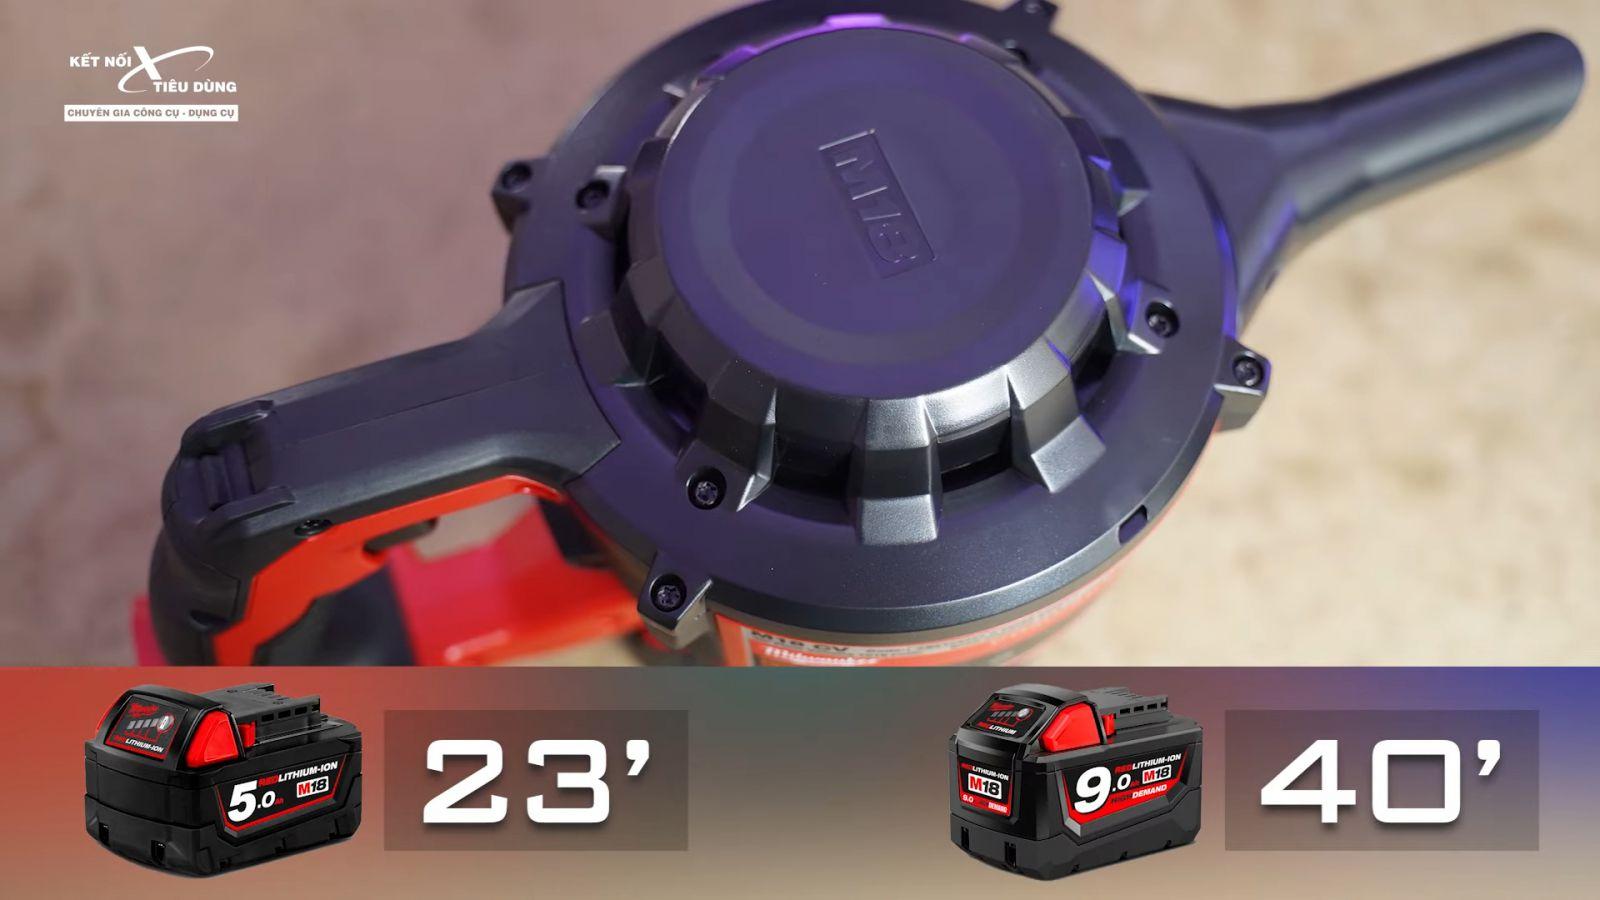 Review máy hút bụi Milwaukee M18 CV nhỏ gọn, khá mạnh, đi công trường ngon - tiện lợi và tiết kiệm chi phí hơn khi sử dụng máy hút bụi tích hợp với các thiết bị dùng pin 18V của Milwaukee